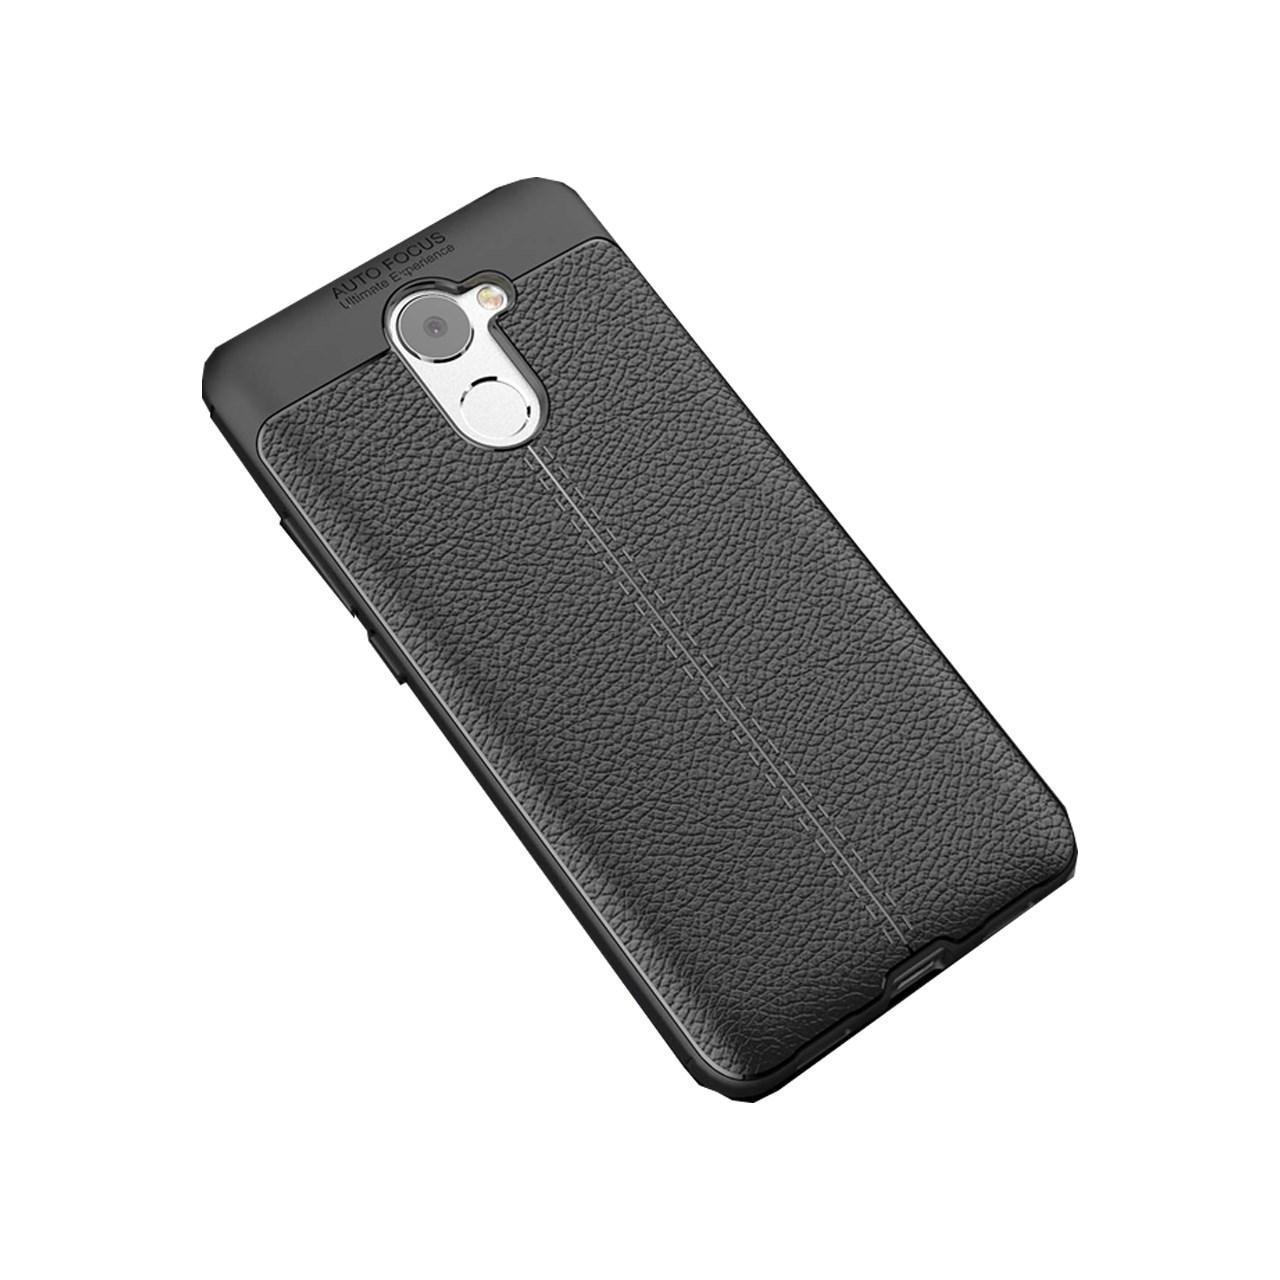 کاور ژله ای طرح چرم مناسب برای گوشی موبایل هوآوی Y7 Prime